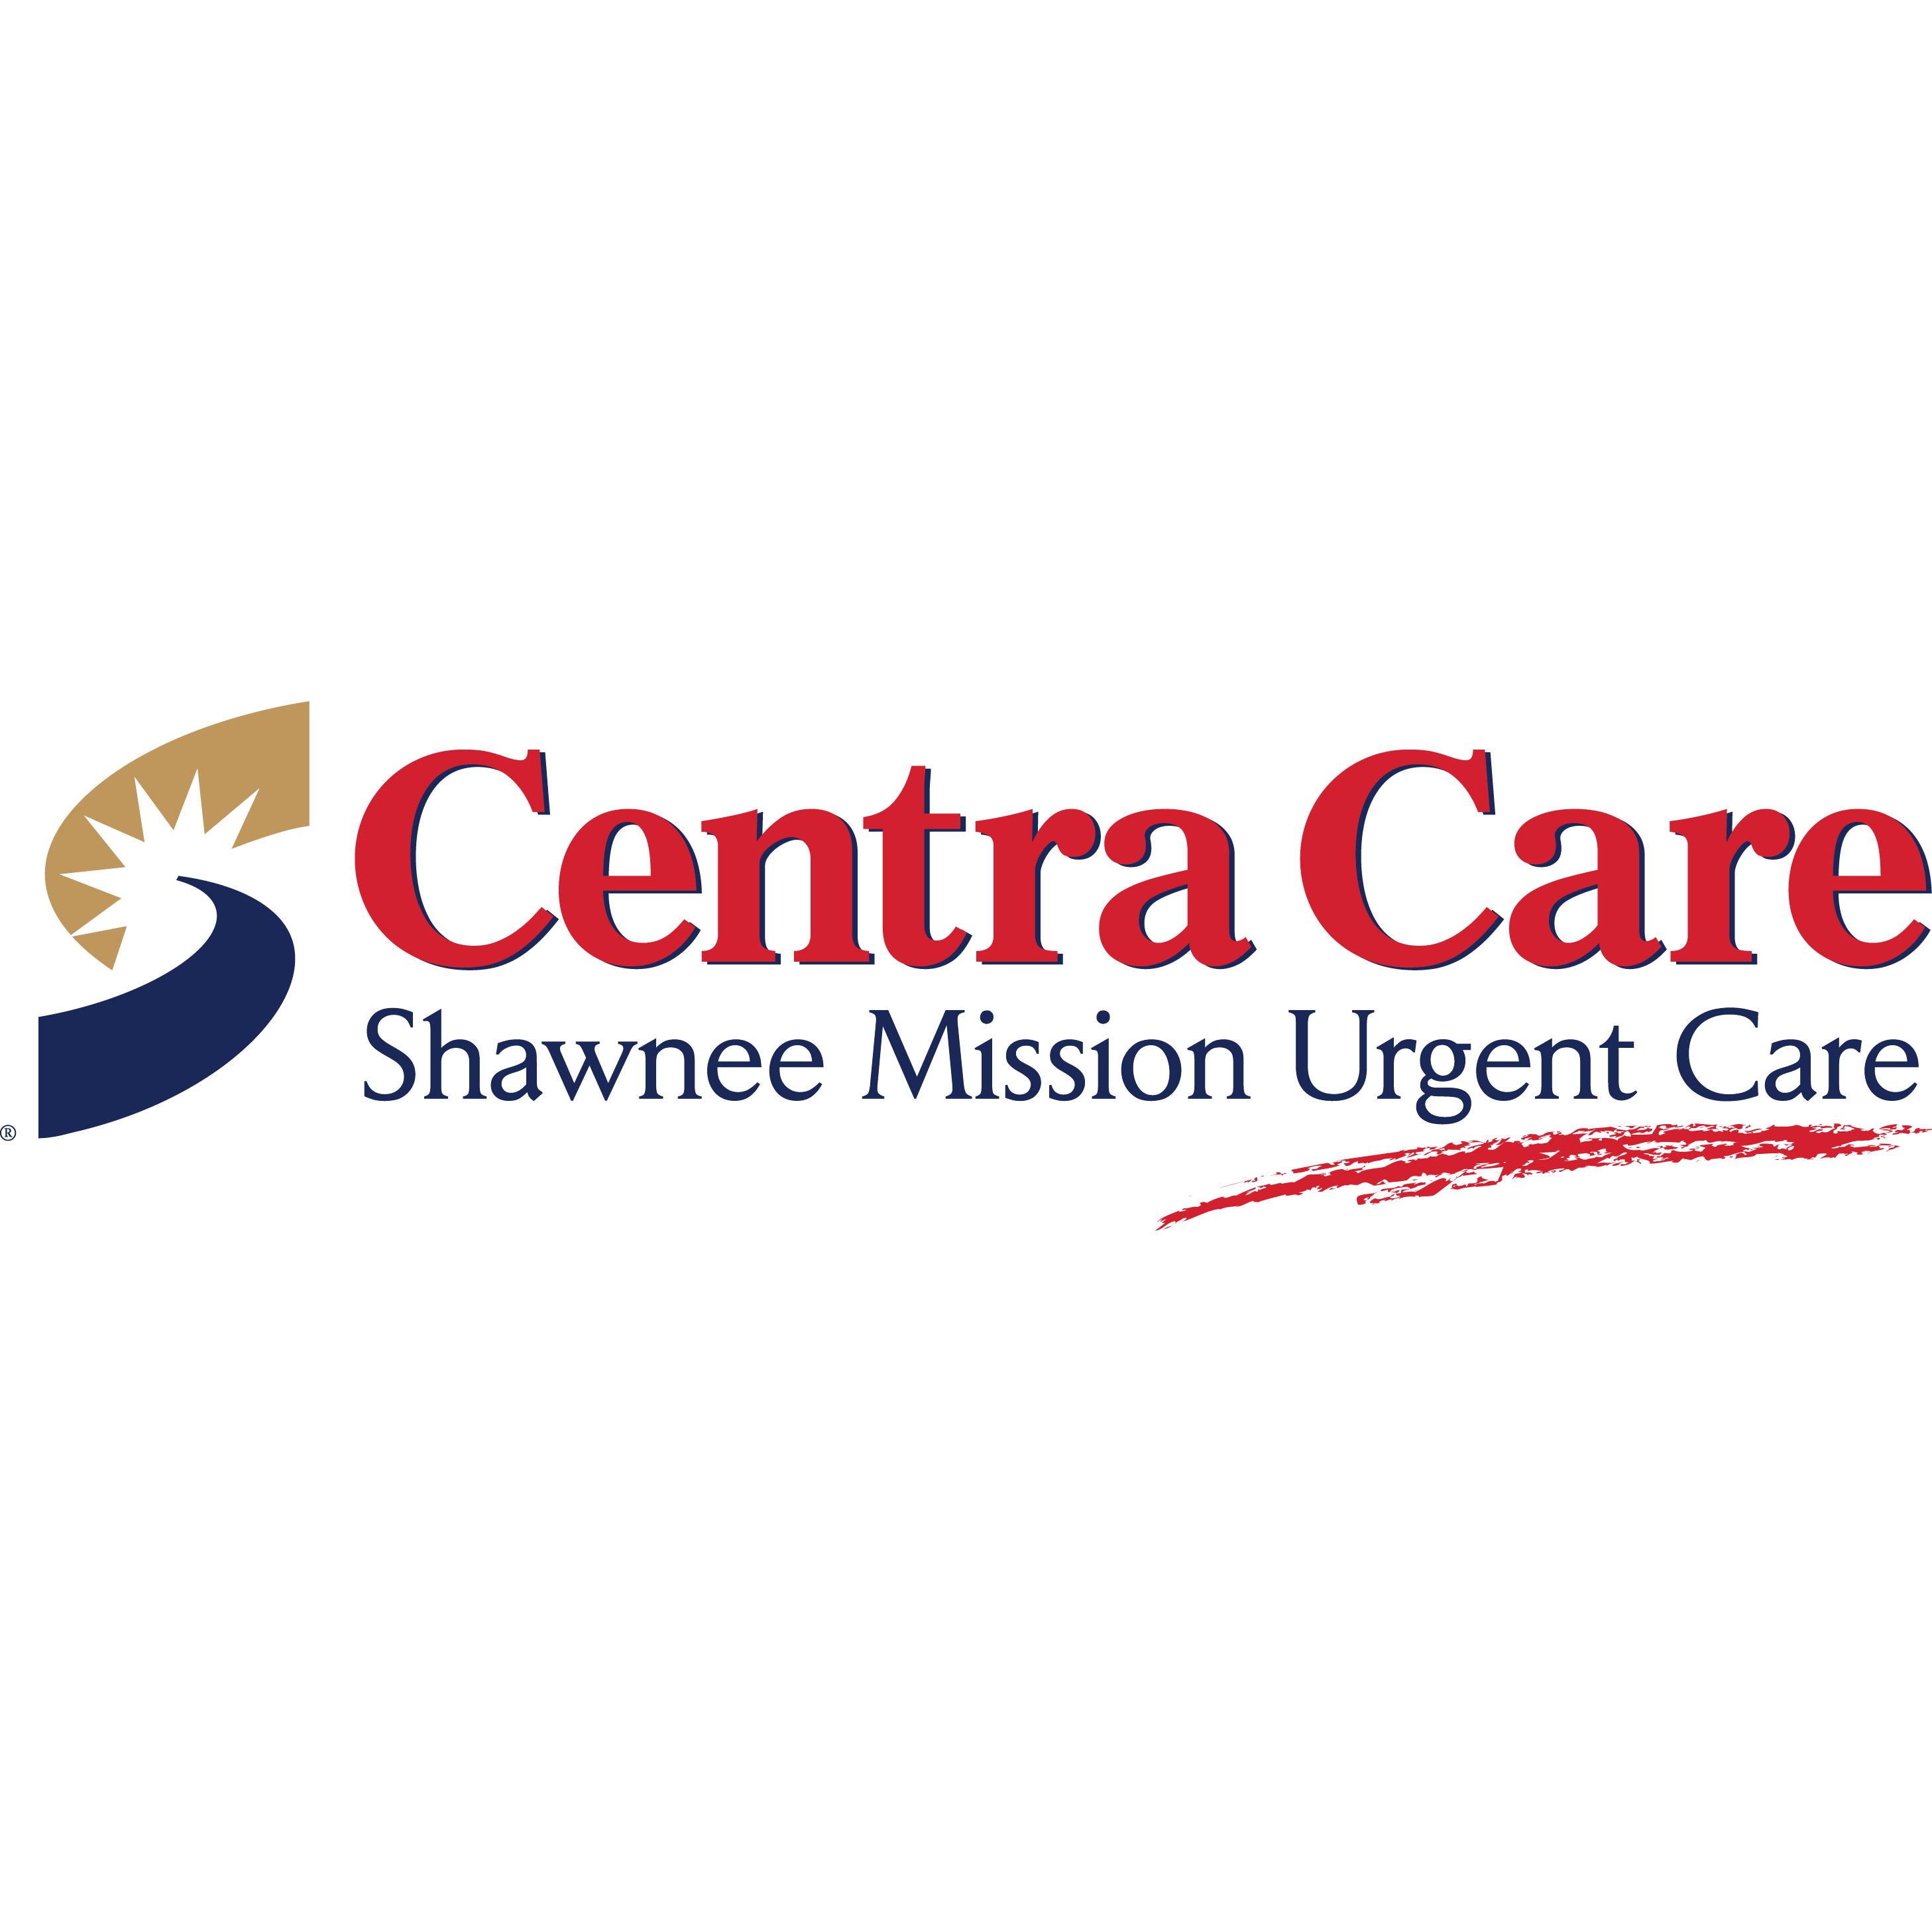 Centra Care Shawnee Mission Urgent Care - Olathe image 0